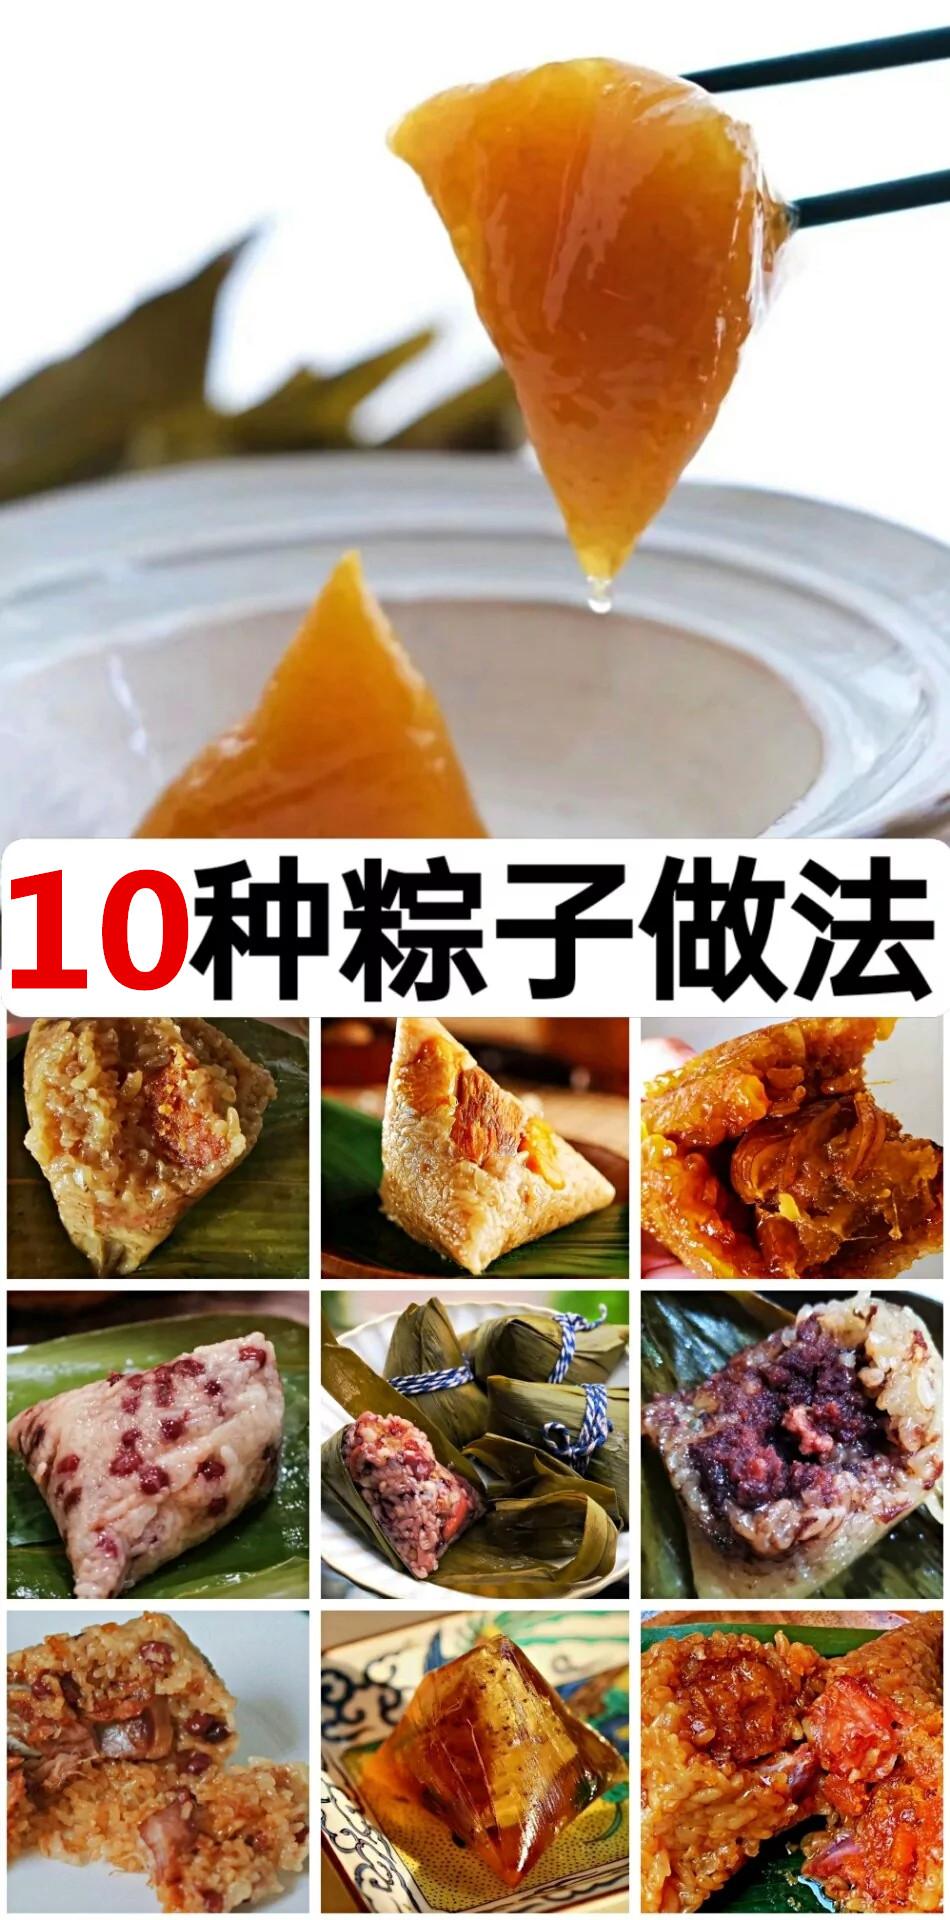 端午节粽子制作方法 美食做法 第1张